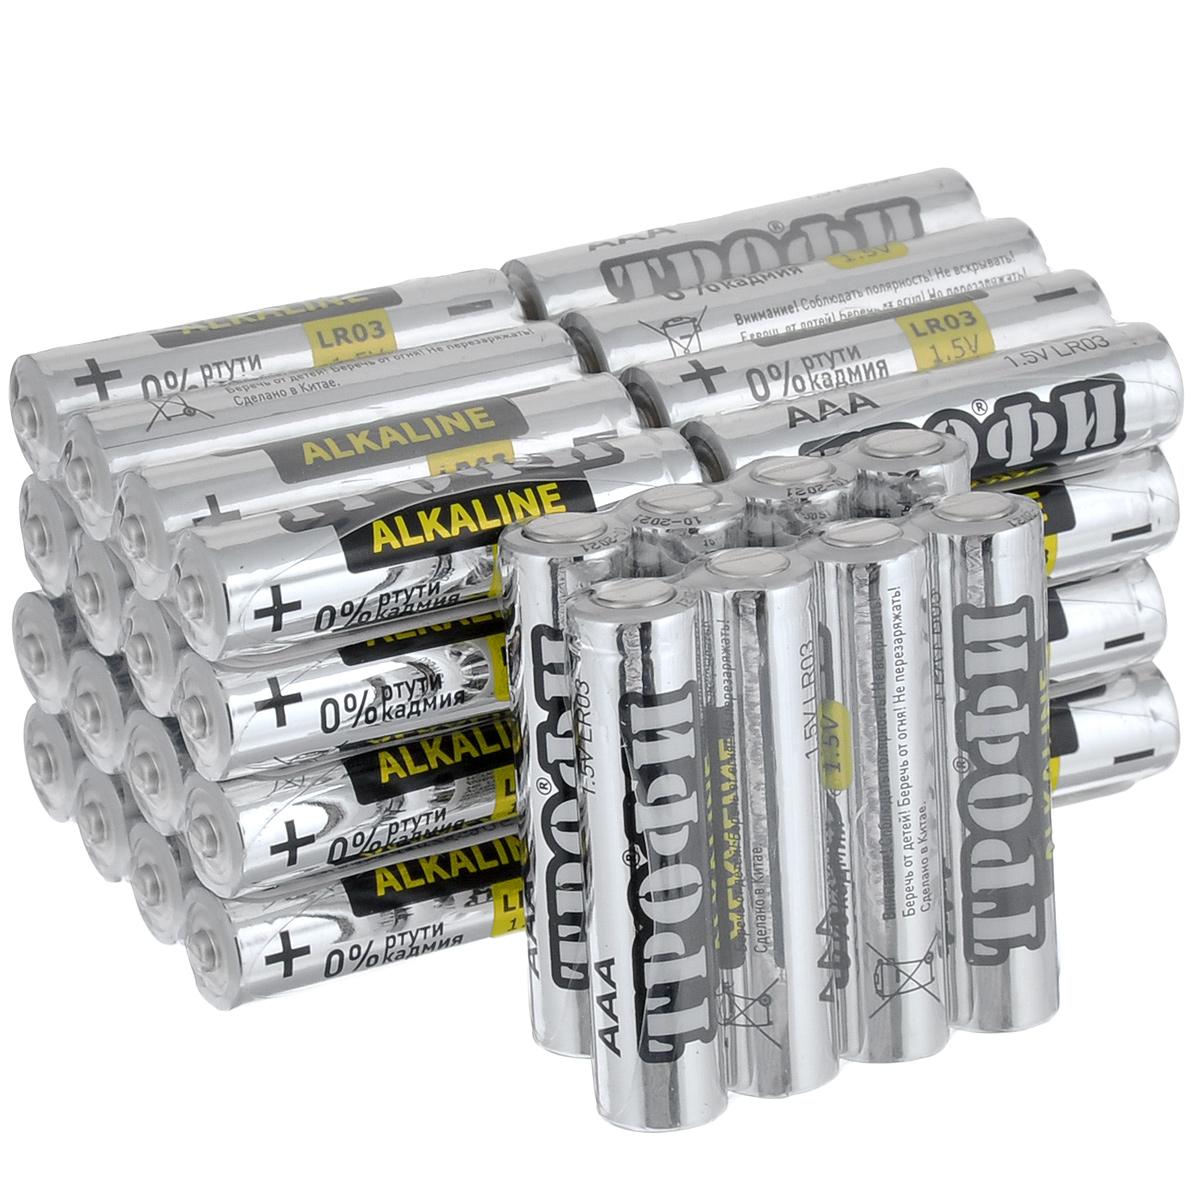 Батарейка алкалиновая Трофи, тип AAA (LR03), 1,5V, 40 штLR03.40Щелочные (алкалиновые) батарейки Трофи оптимально подходят для повседневного питания множества современных бытовых приборов: электронных игрушек, фонарей, беспроводной компьютерной периферии и многого другого. Не содержат кадмия и ртути. Батарейки созданы для устройств со средним и высоким потреблением энергии. Работают в 10 раз дольше, чем обычные солевые элементы питания.